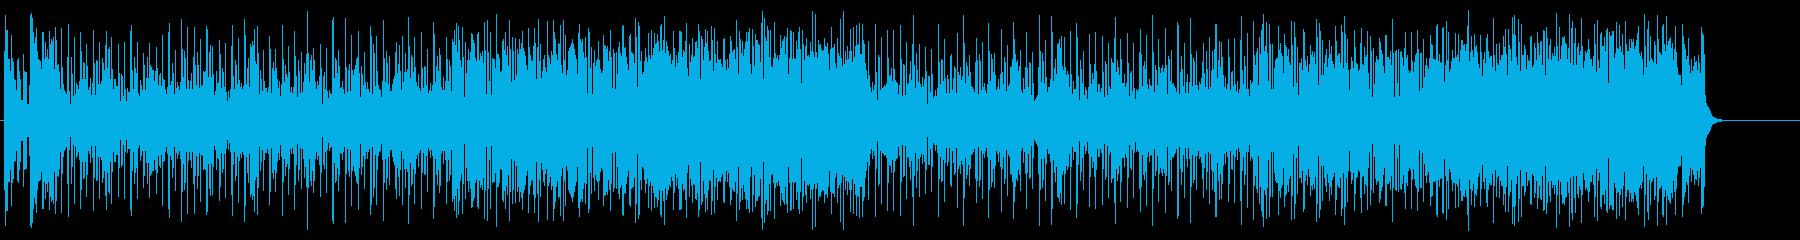 ときめくブライトなポップ・アンサンブルの再生済みの波形